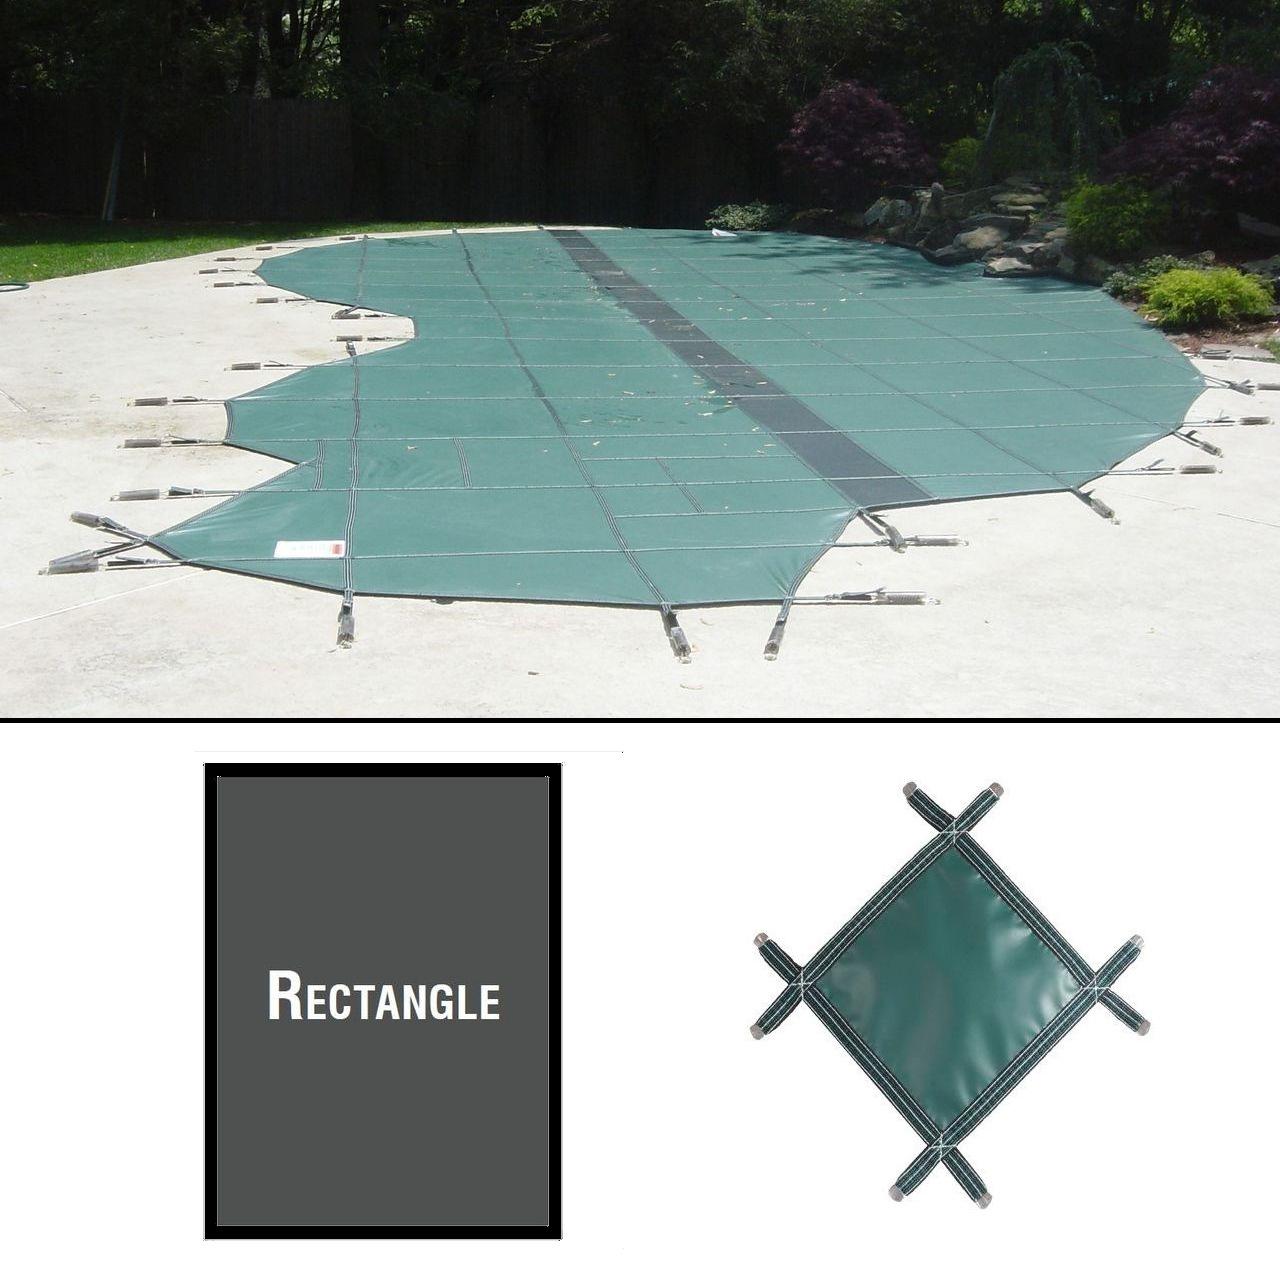 PermaGuard 22'x44' Rectangular Pool Cover